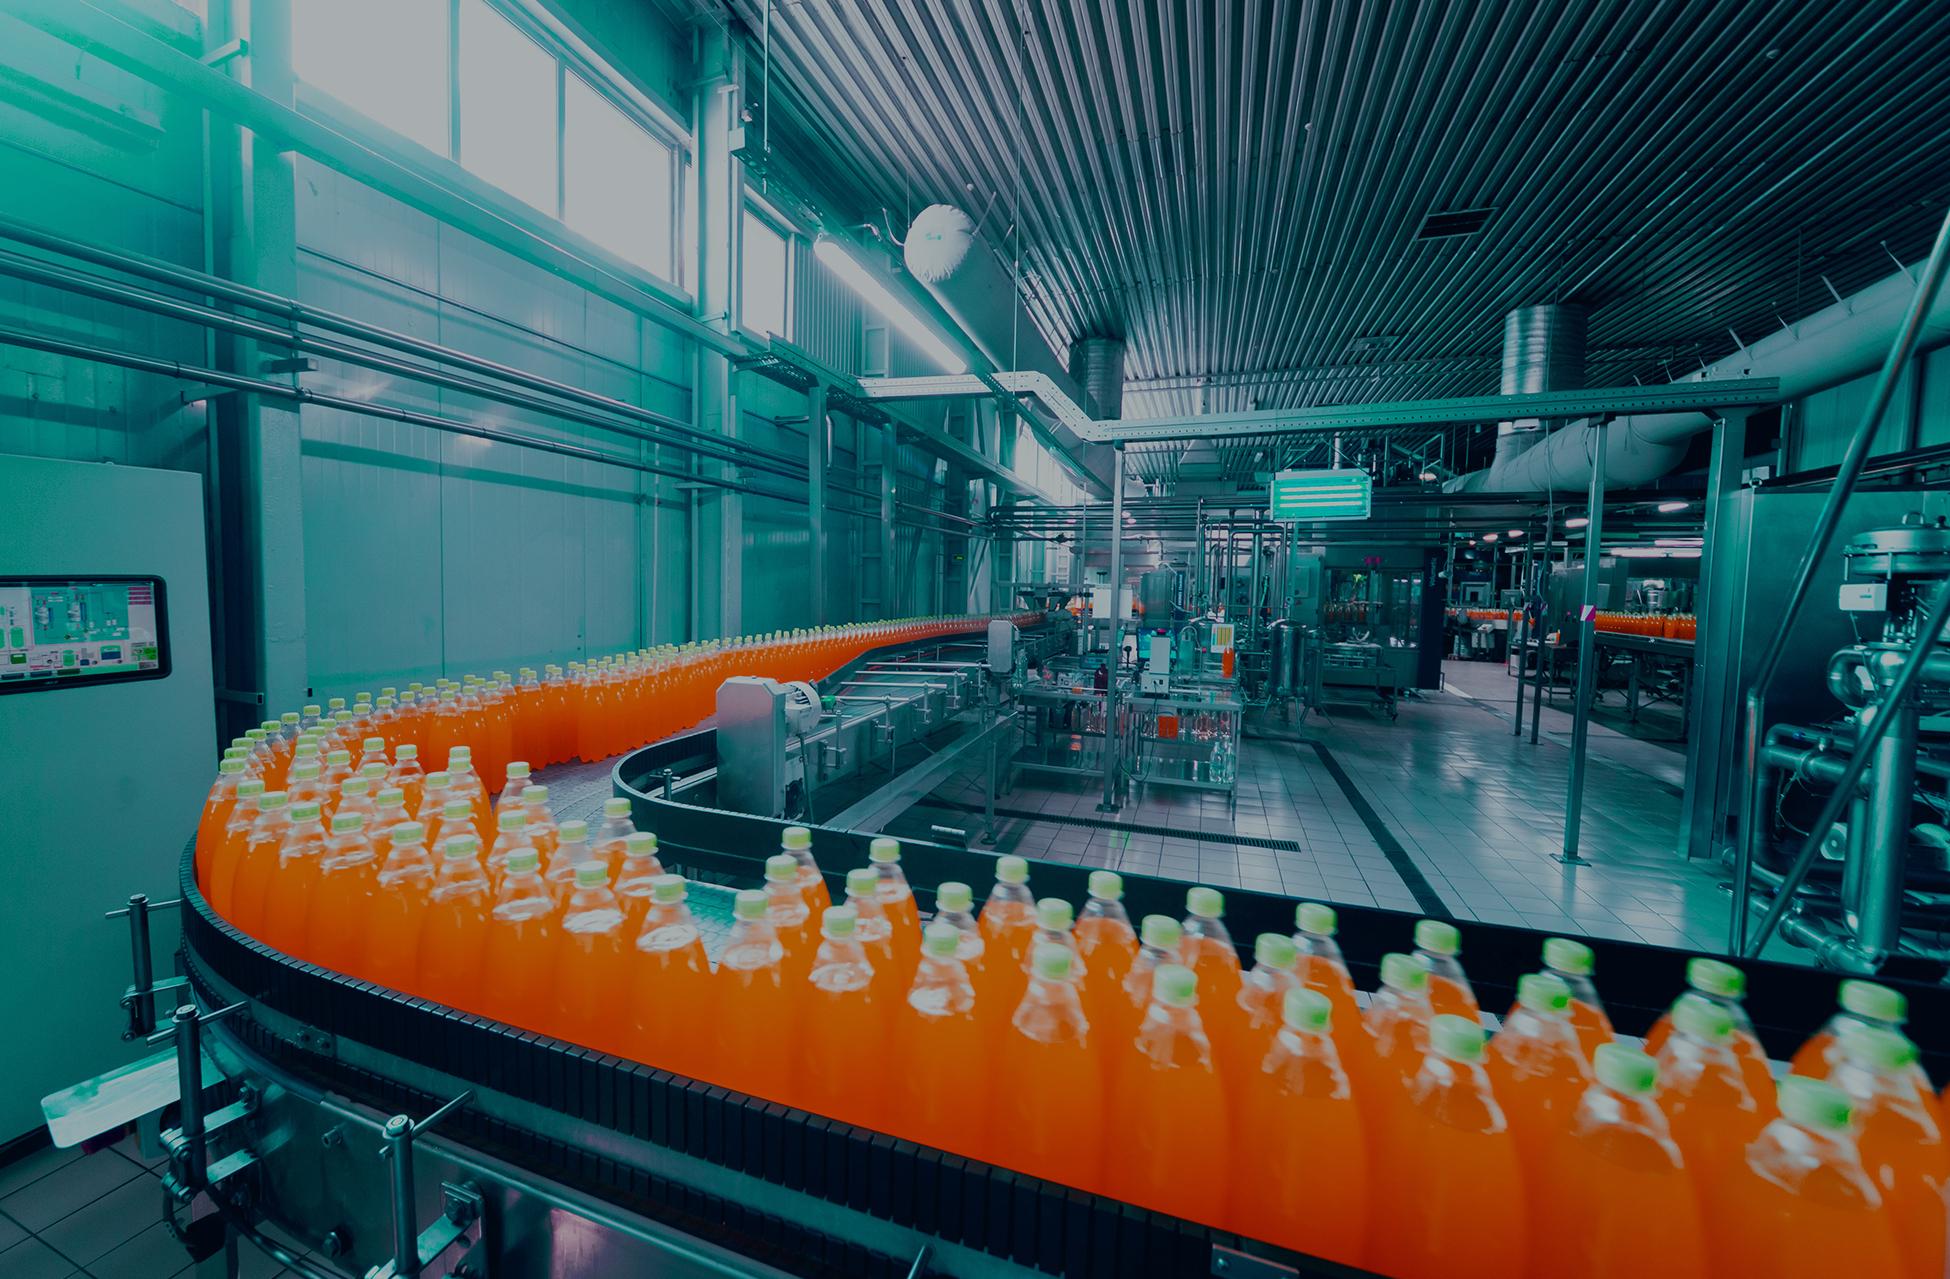 Fud-tech production line